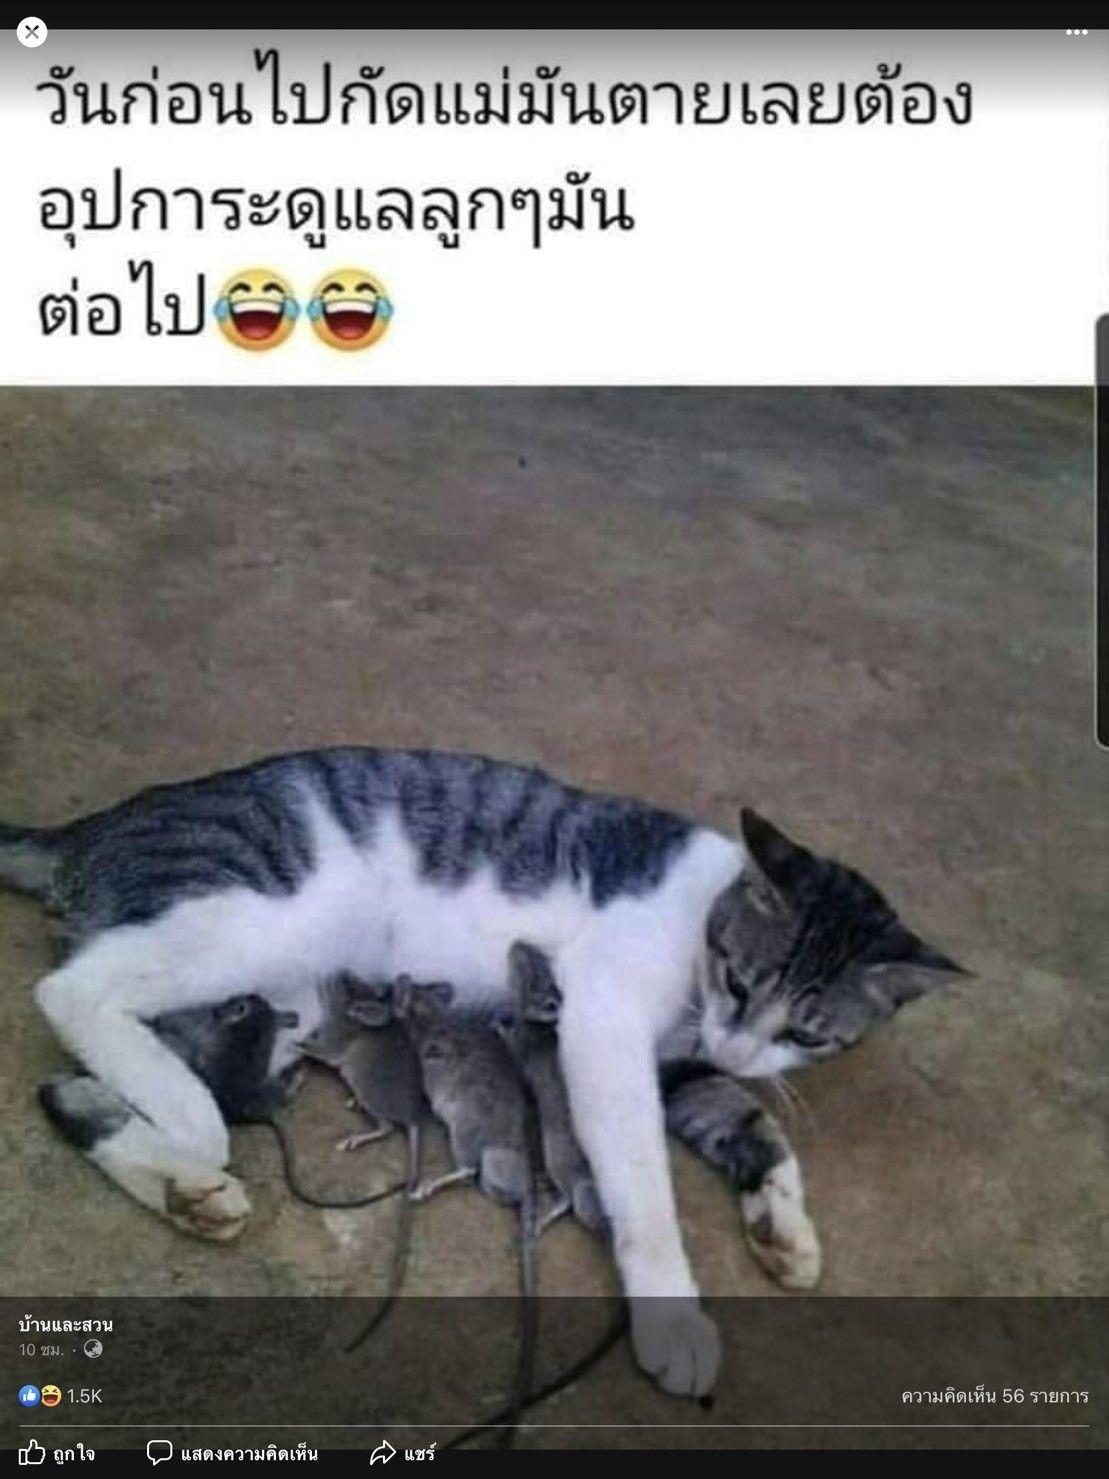 ผมเป นแมวชอบกล องมากๆ เวลาม พ สด ก ชอบมานอนข างๆ ถ าเป ดเม อไหร ผมจะร บลงไปนอนท นท